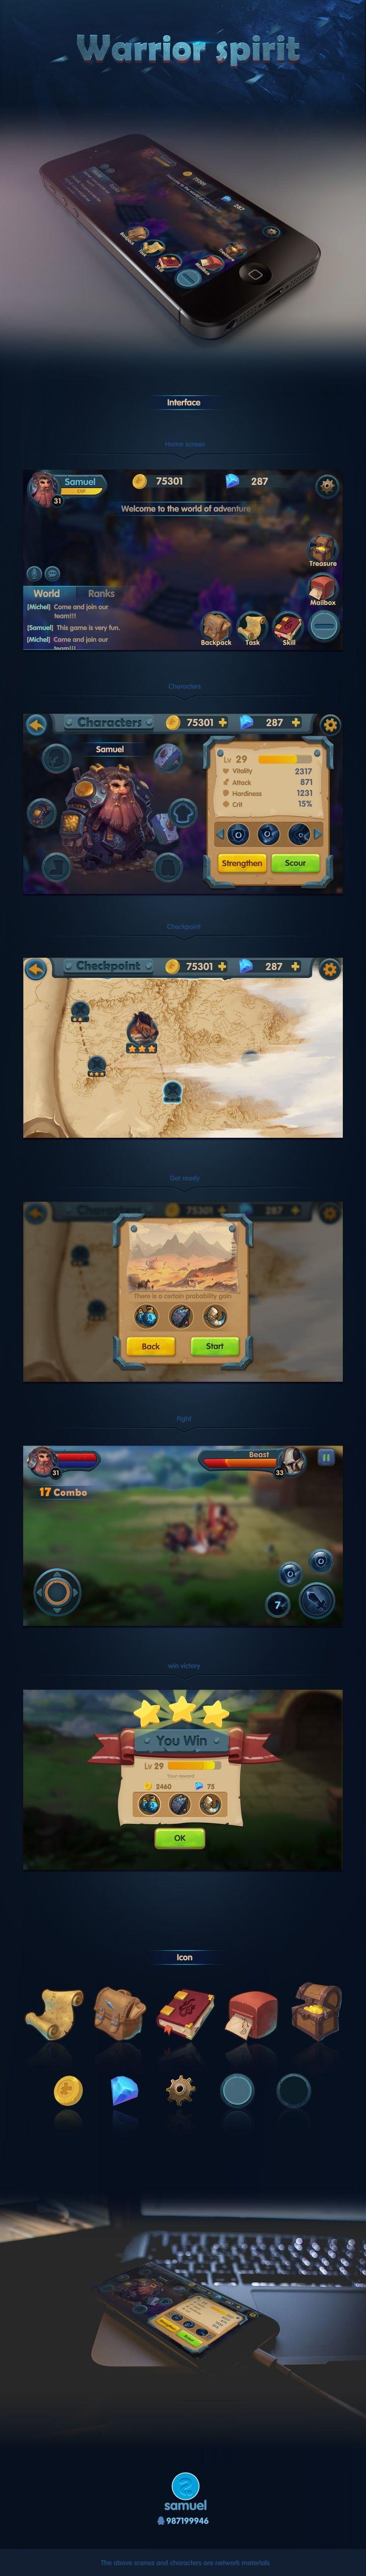 查看《Warrior spirit原创游戏UI作品》原图,原图尺寸:1264x8900